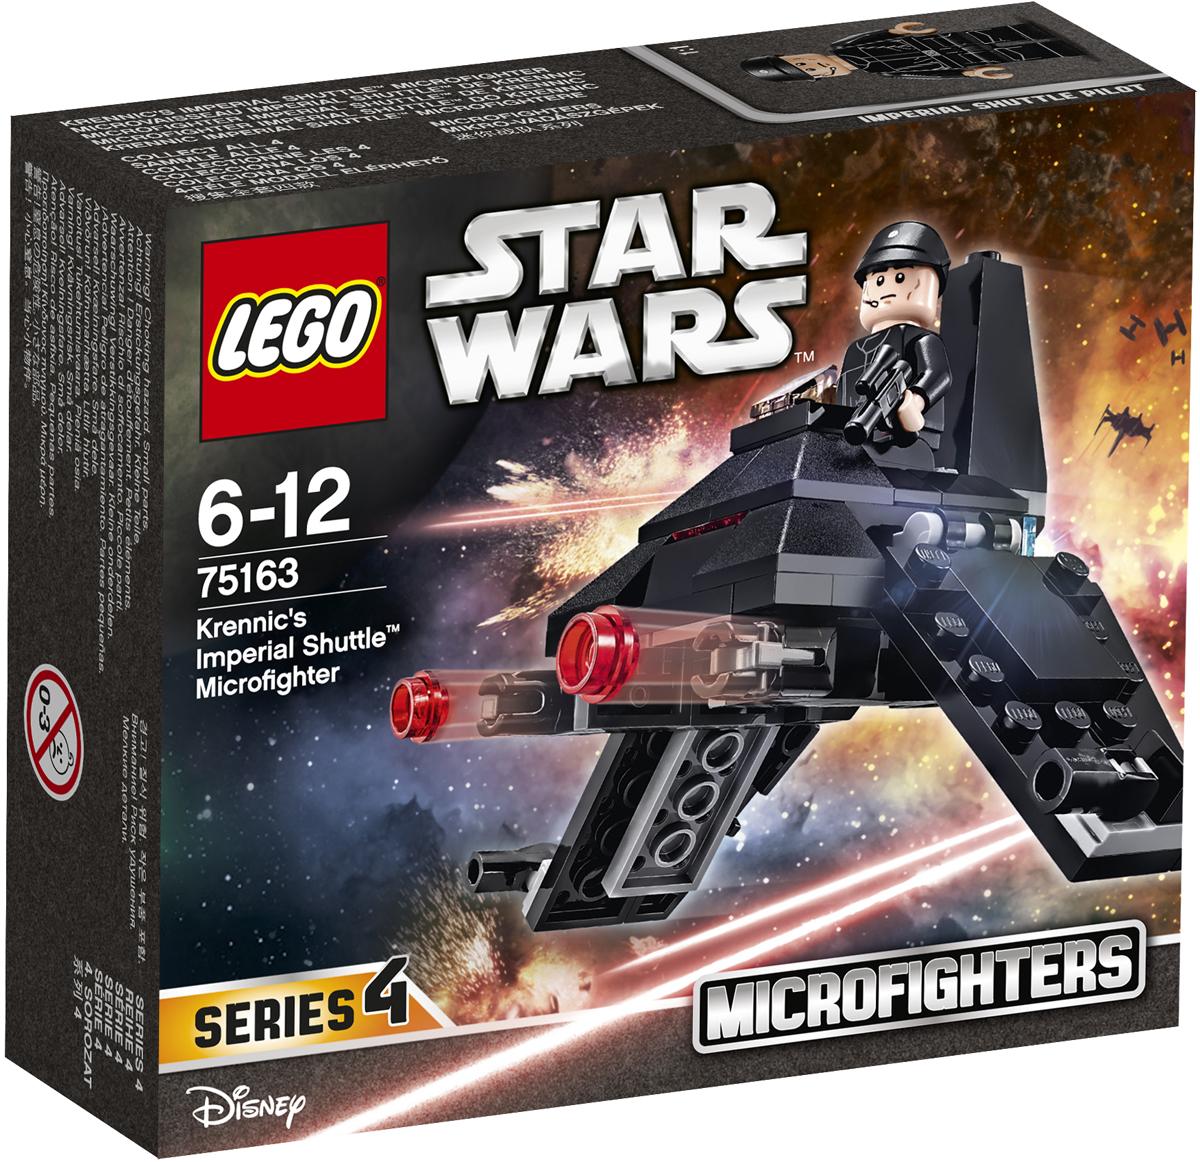 LEGO Star Wars Конструктор Микроистребитель Имперский шаттл Кренника 7516375163Микроистребитель Имперский шаттл Кренника не простой звездолёт. Посадите пилота имперского шаттла на его место в кабине, подготовьте к бою ракеты, сложите крылья корабля и отправляйтесь в путешествие по Галактике. Набор включает в себя 78 разноцветных элементов и минифигурку. Конструктор - это один из самых увлекательных и веселых способов времяпрепровождения. Ребенок сможет часами играть с конструктором, придумывая различные ситуации и истории.